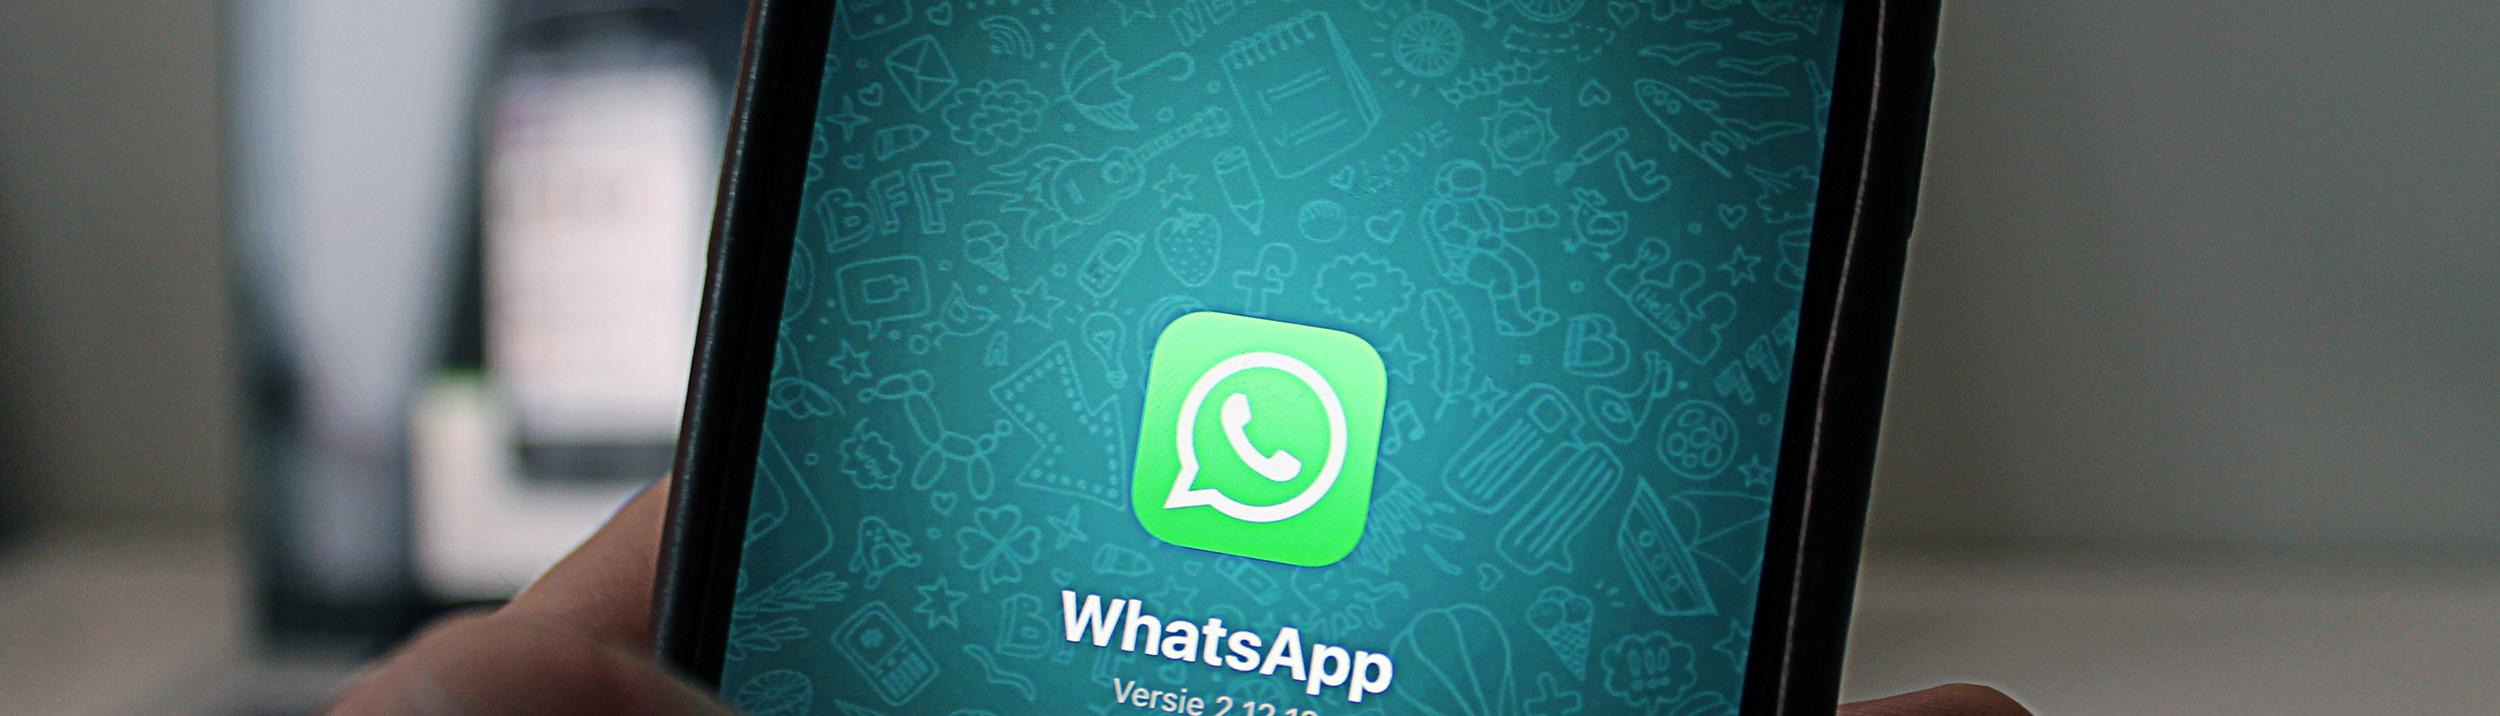 باگ جدید واتساپ؛ پیامتان به کسی که شما را بلاک کرده ارسال میشود!